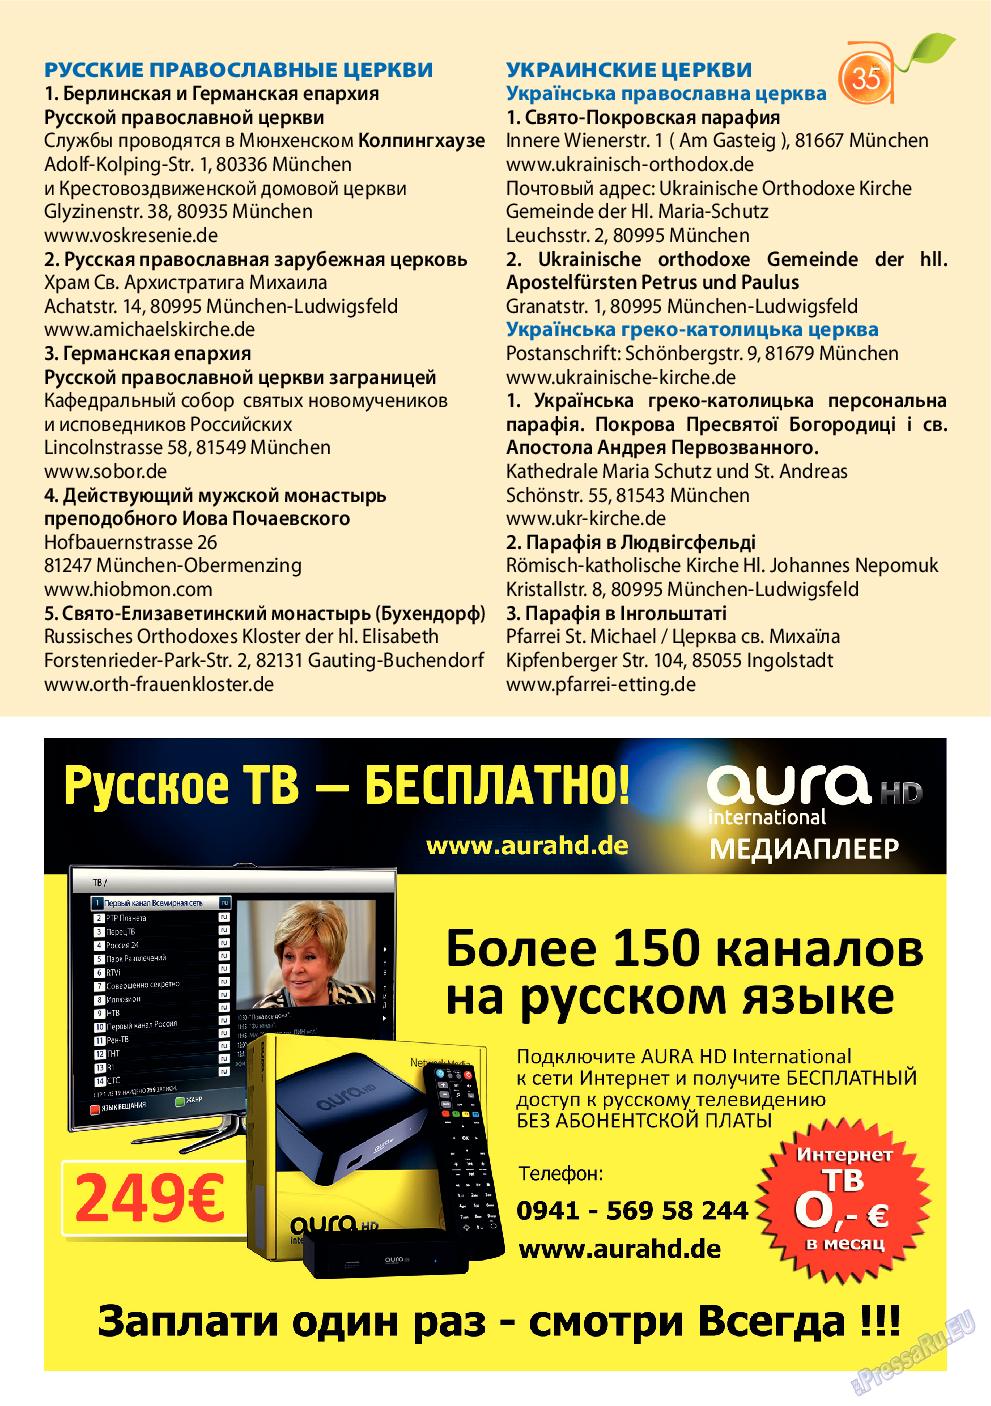 Апельсин (журнал). 2015 год, номер 66, стр. 35